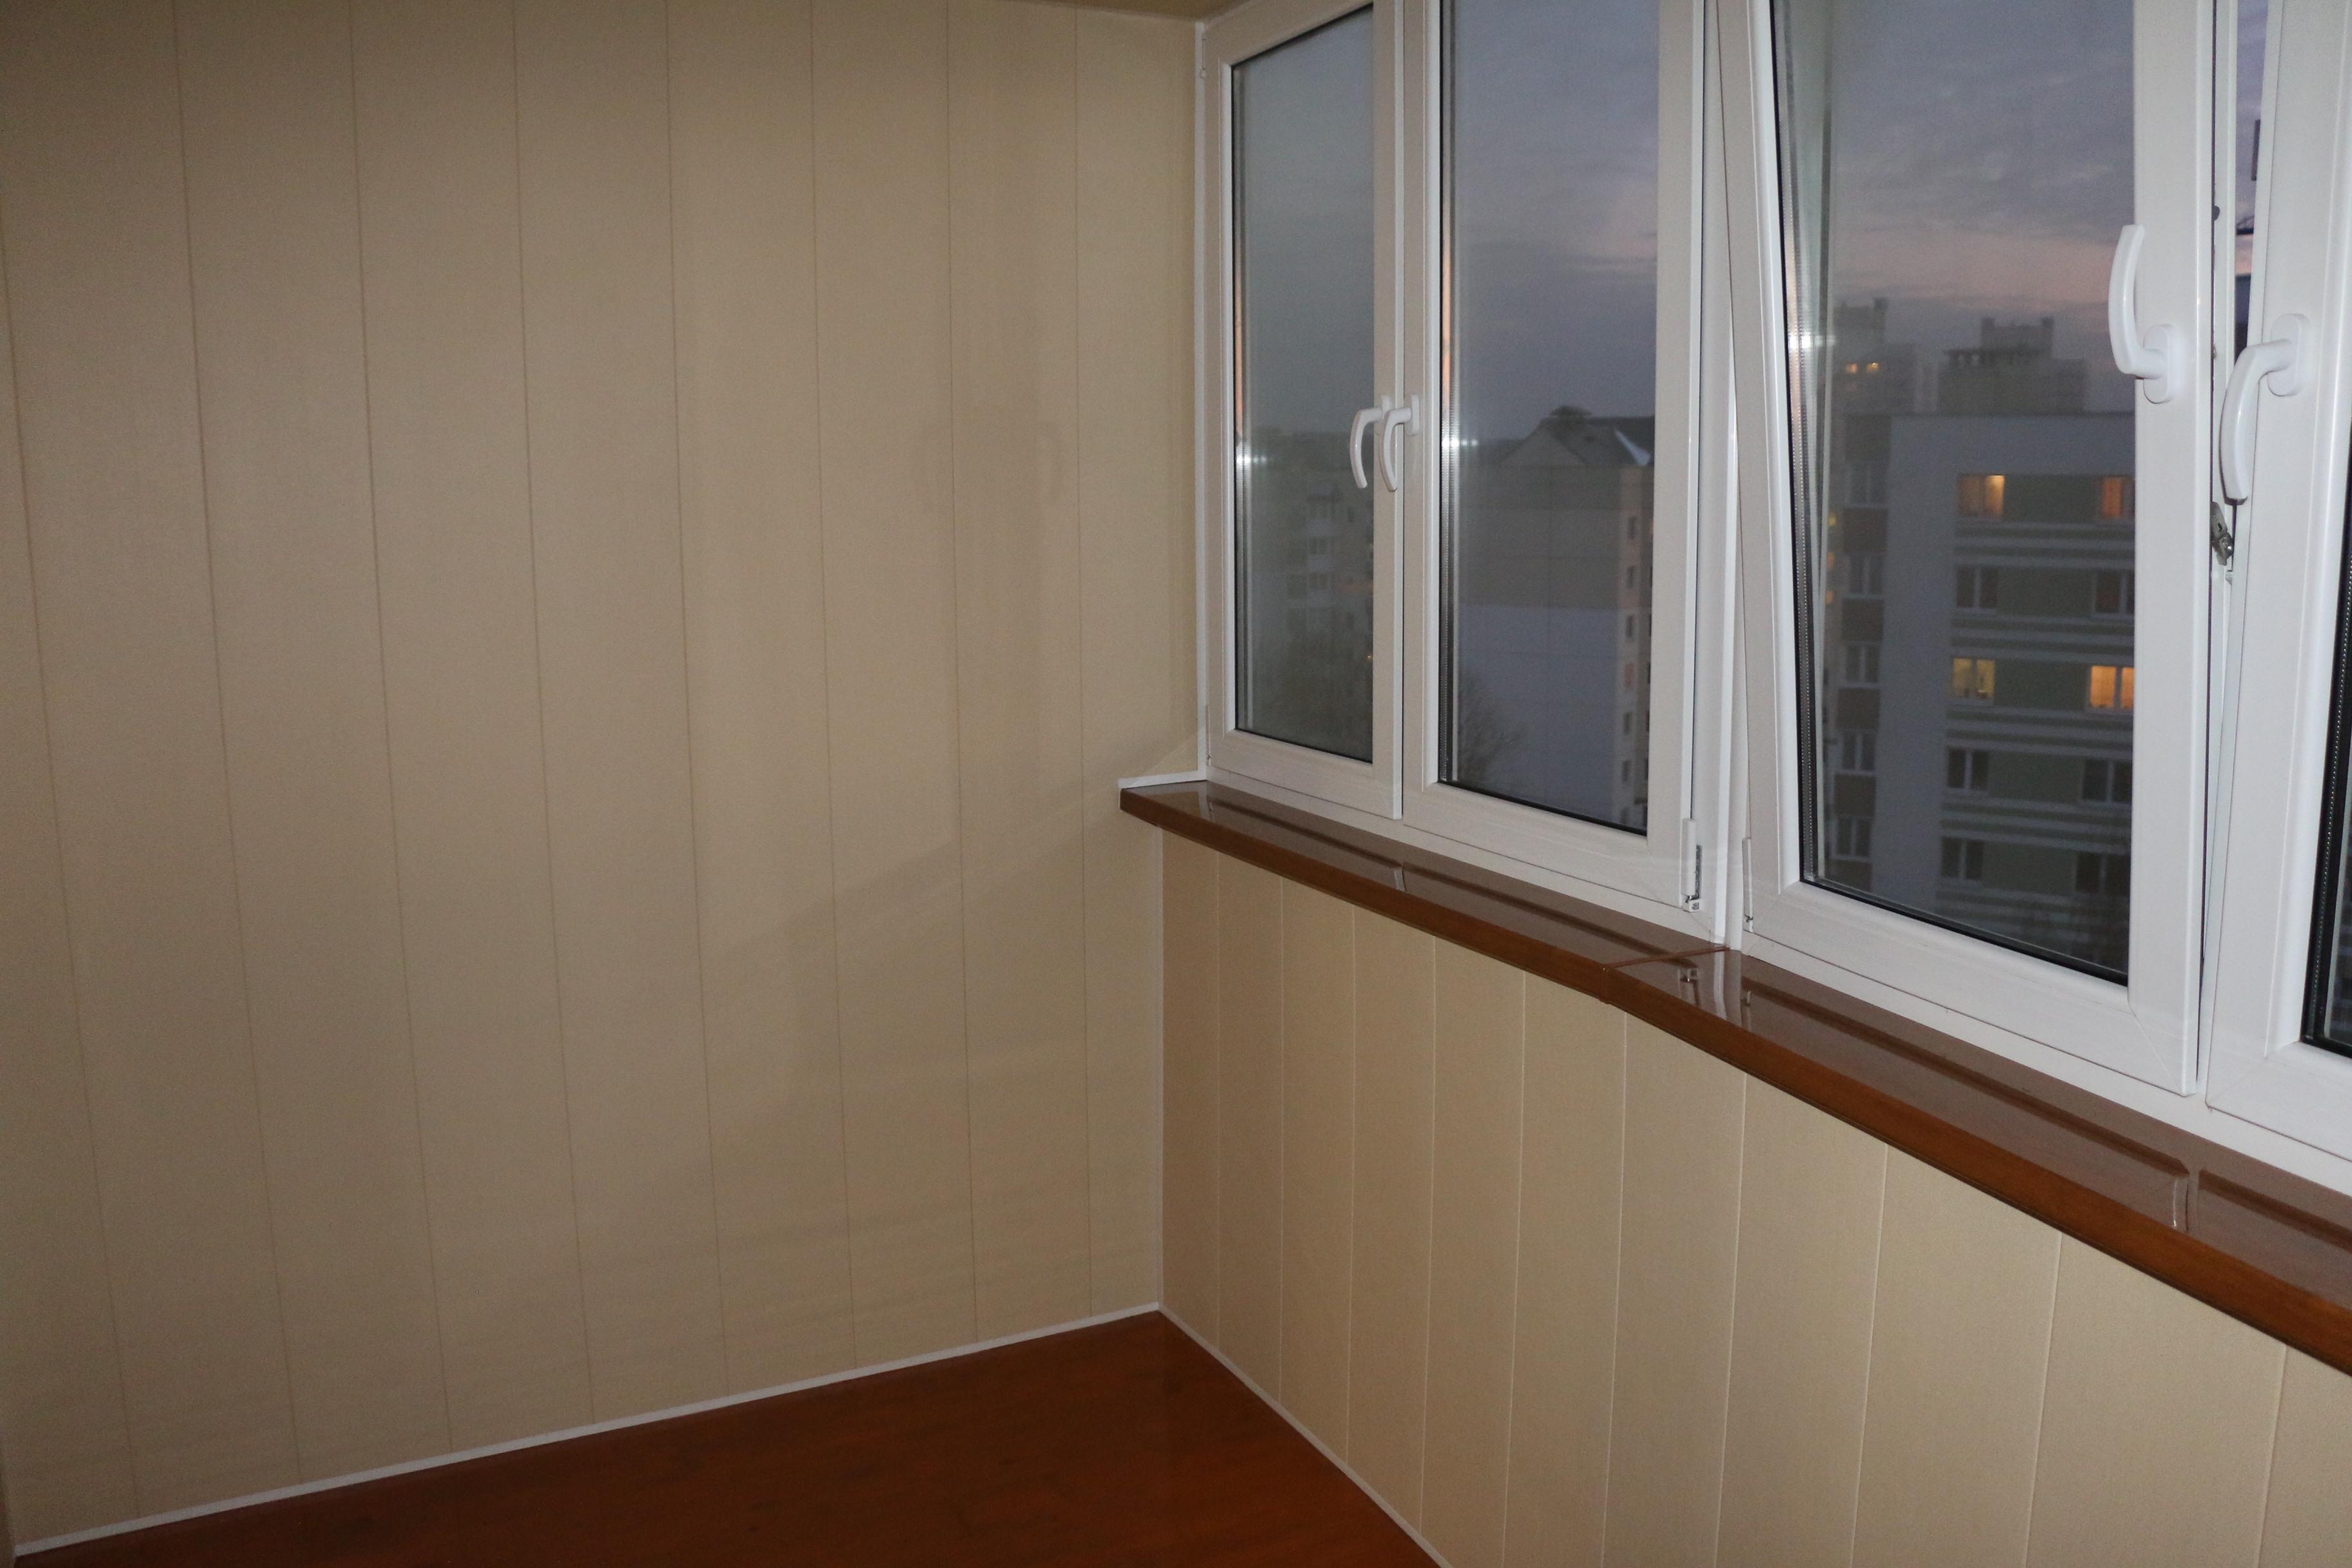 Обшивка балкона панелями пвх: фото обшивки балкона панелями .